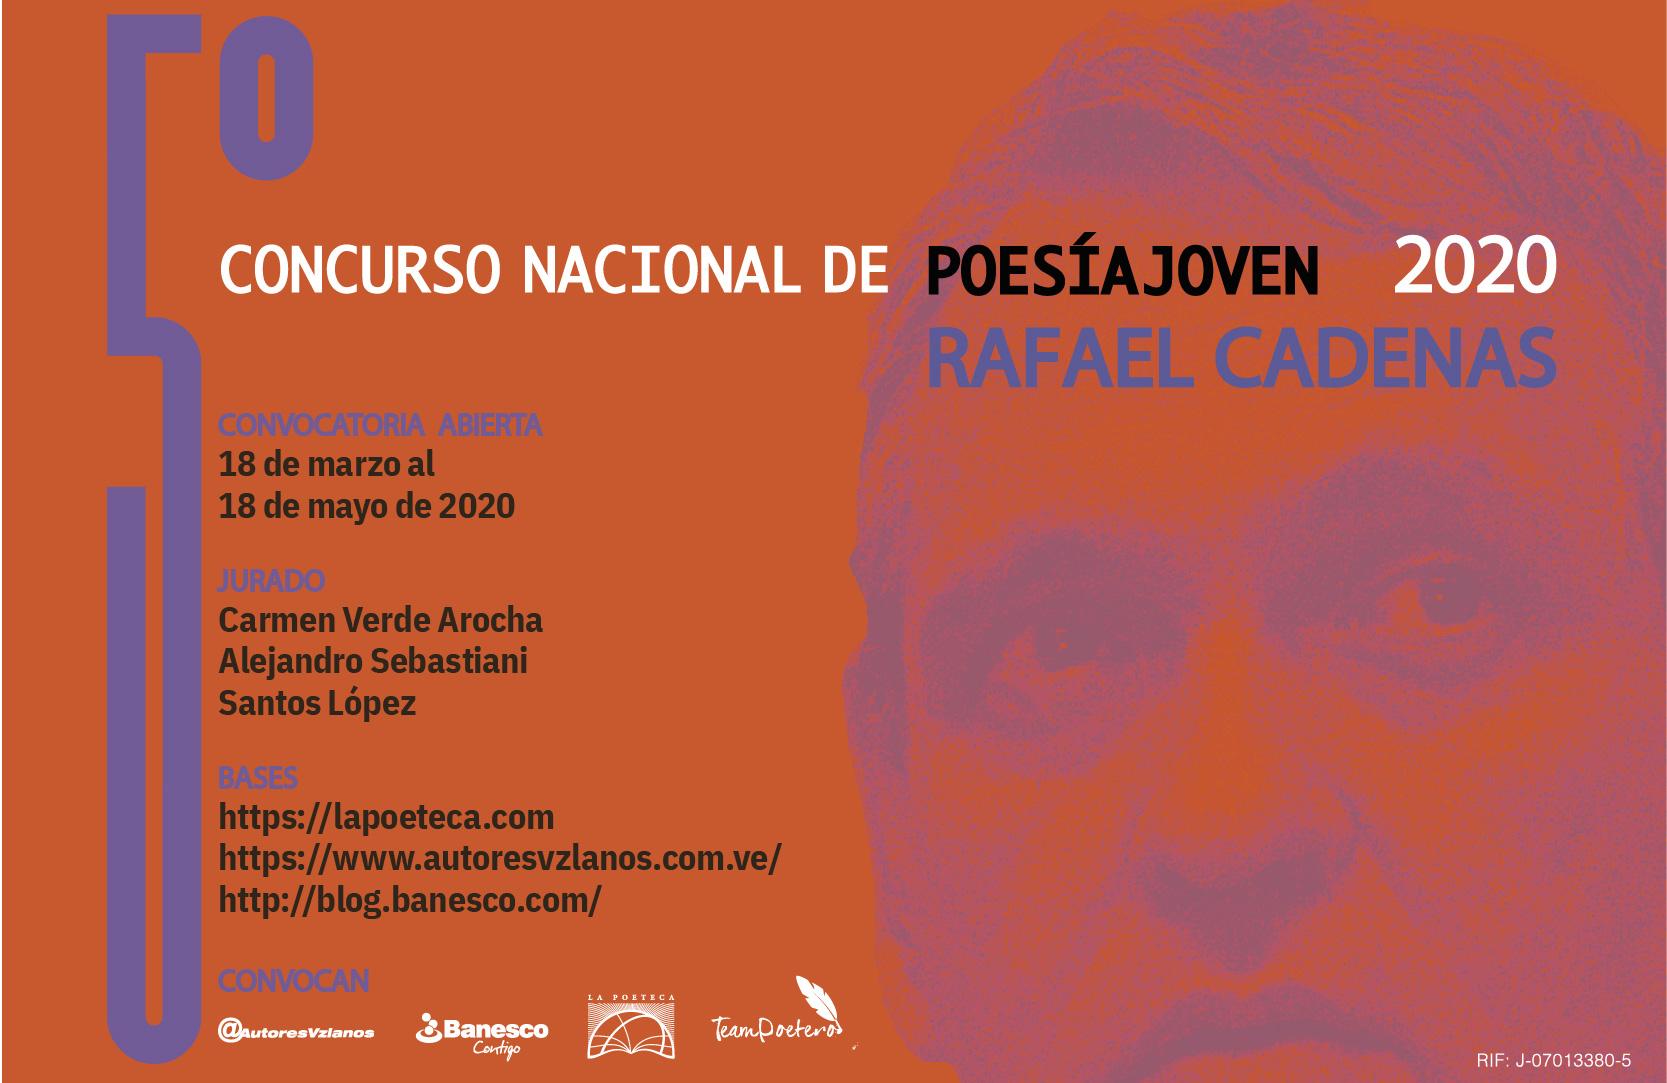 Concurso de Poesía Joven Rafael Cadenas está abierto en su quinta edición